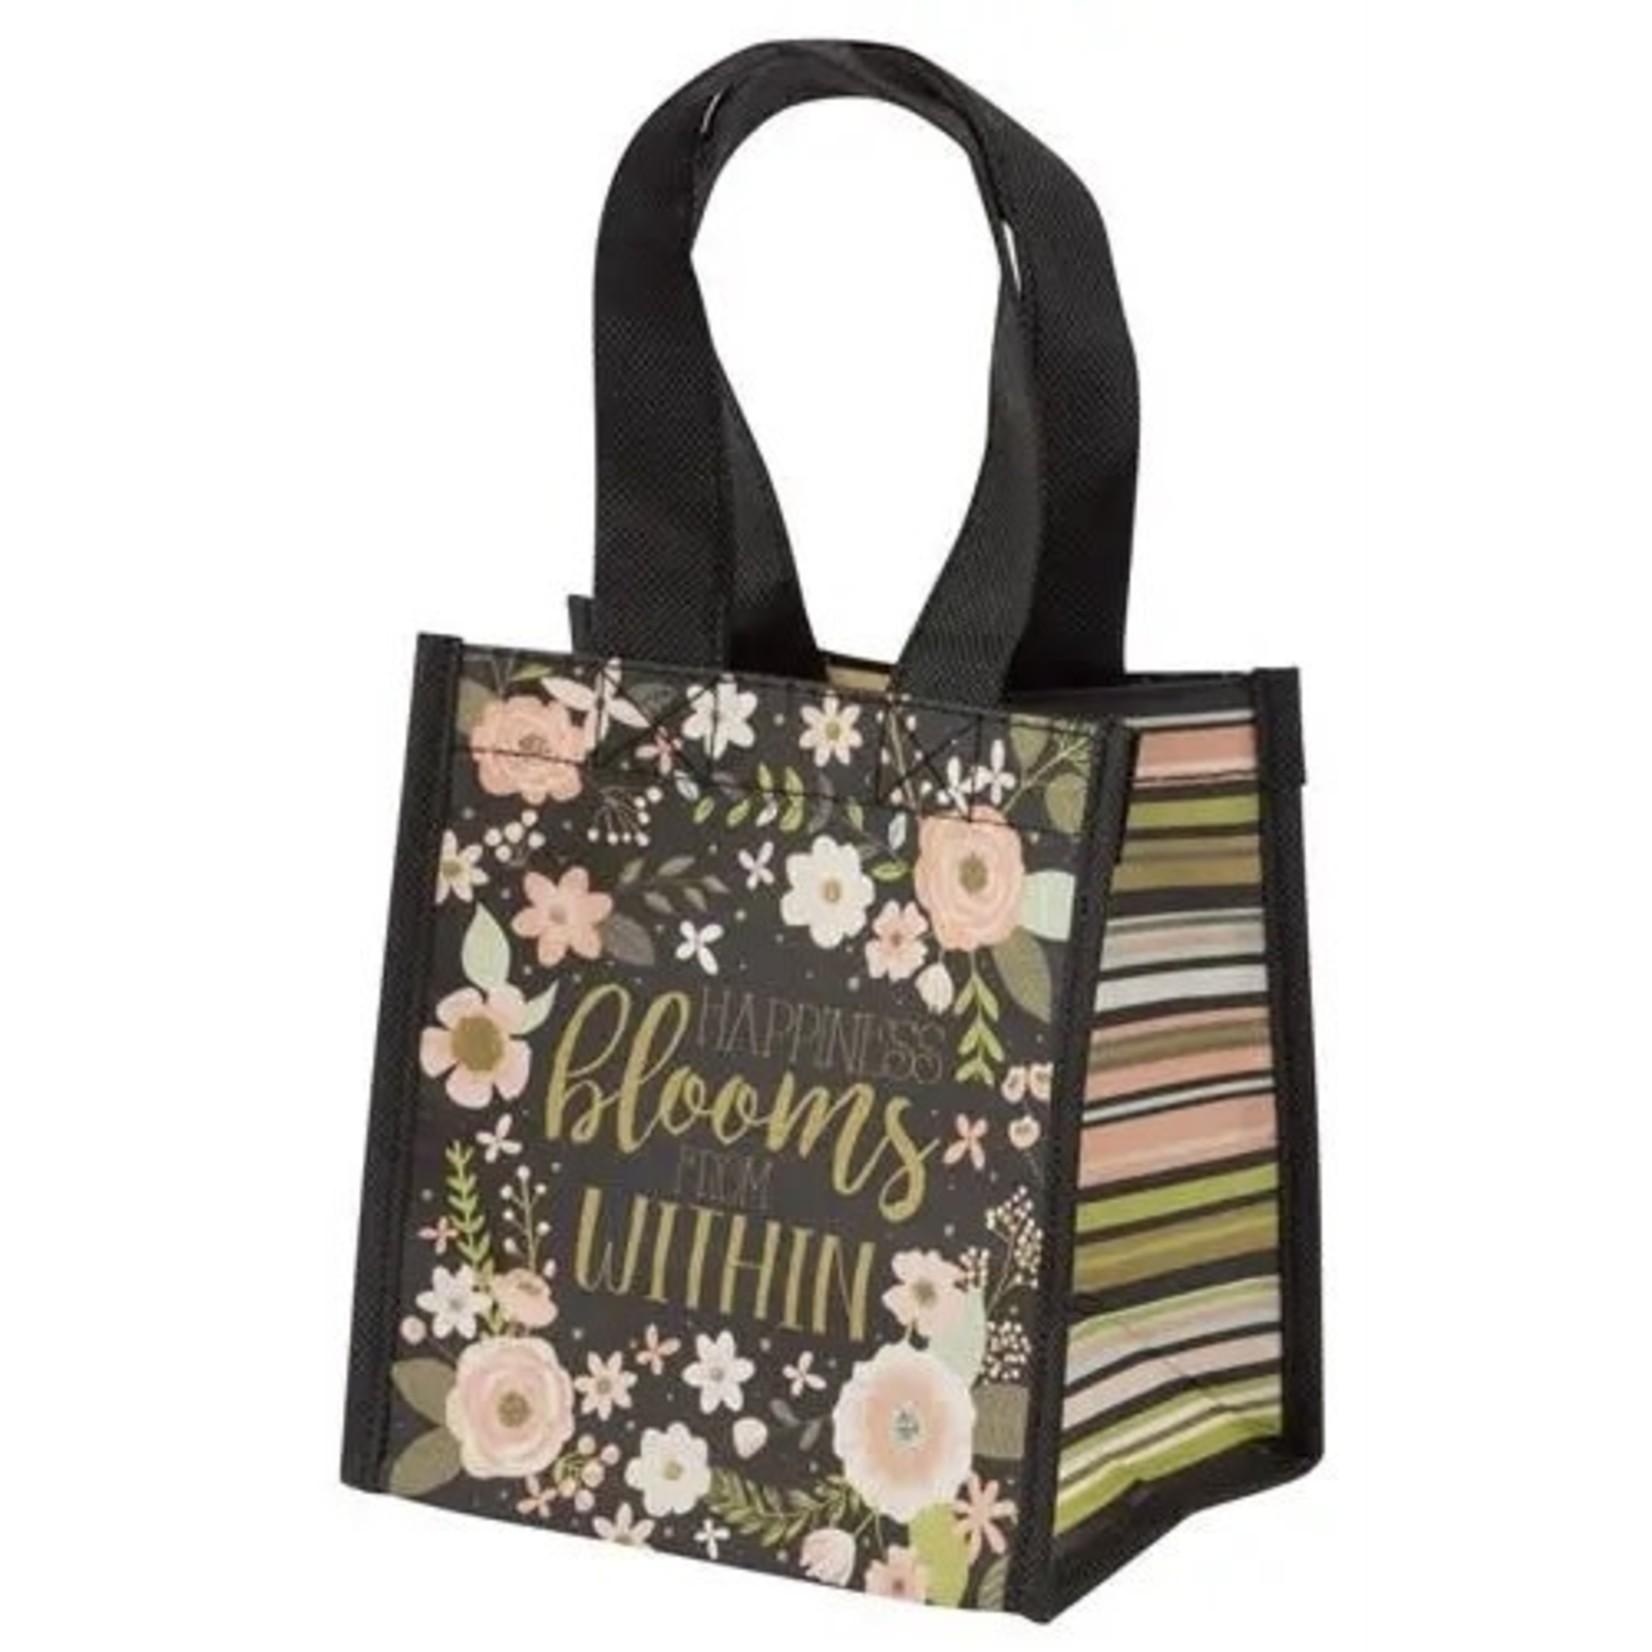 Karma Bag: Recycled Bag